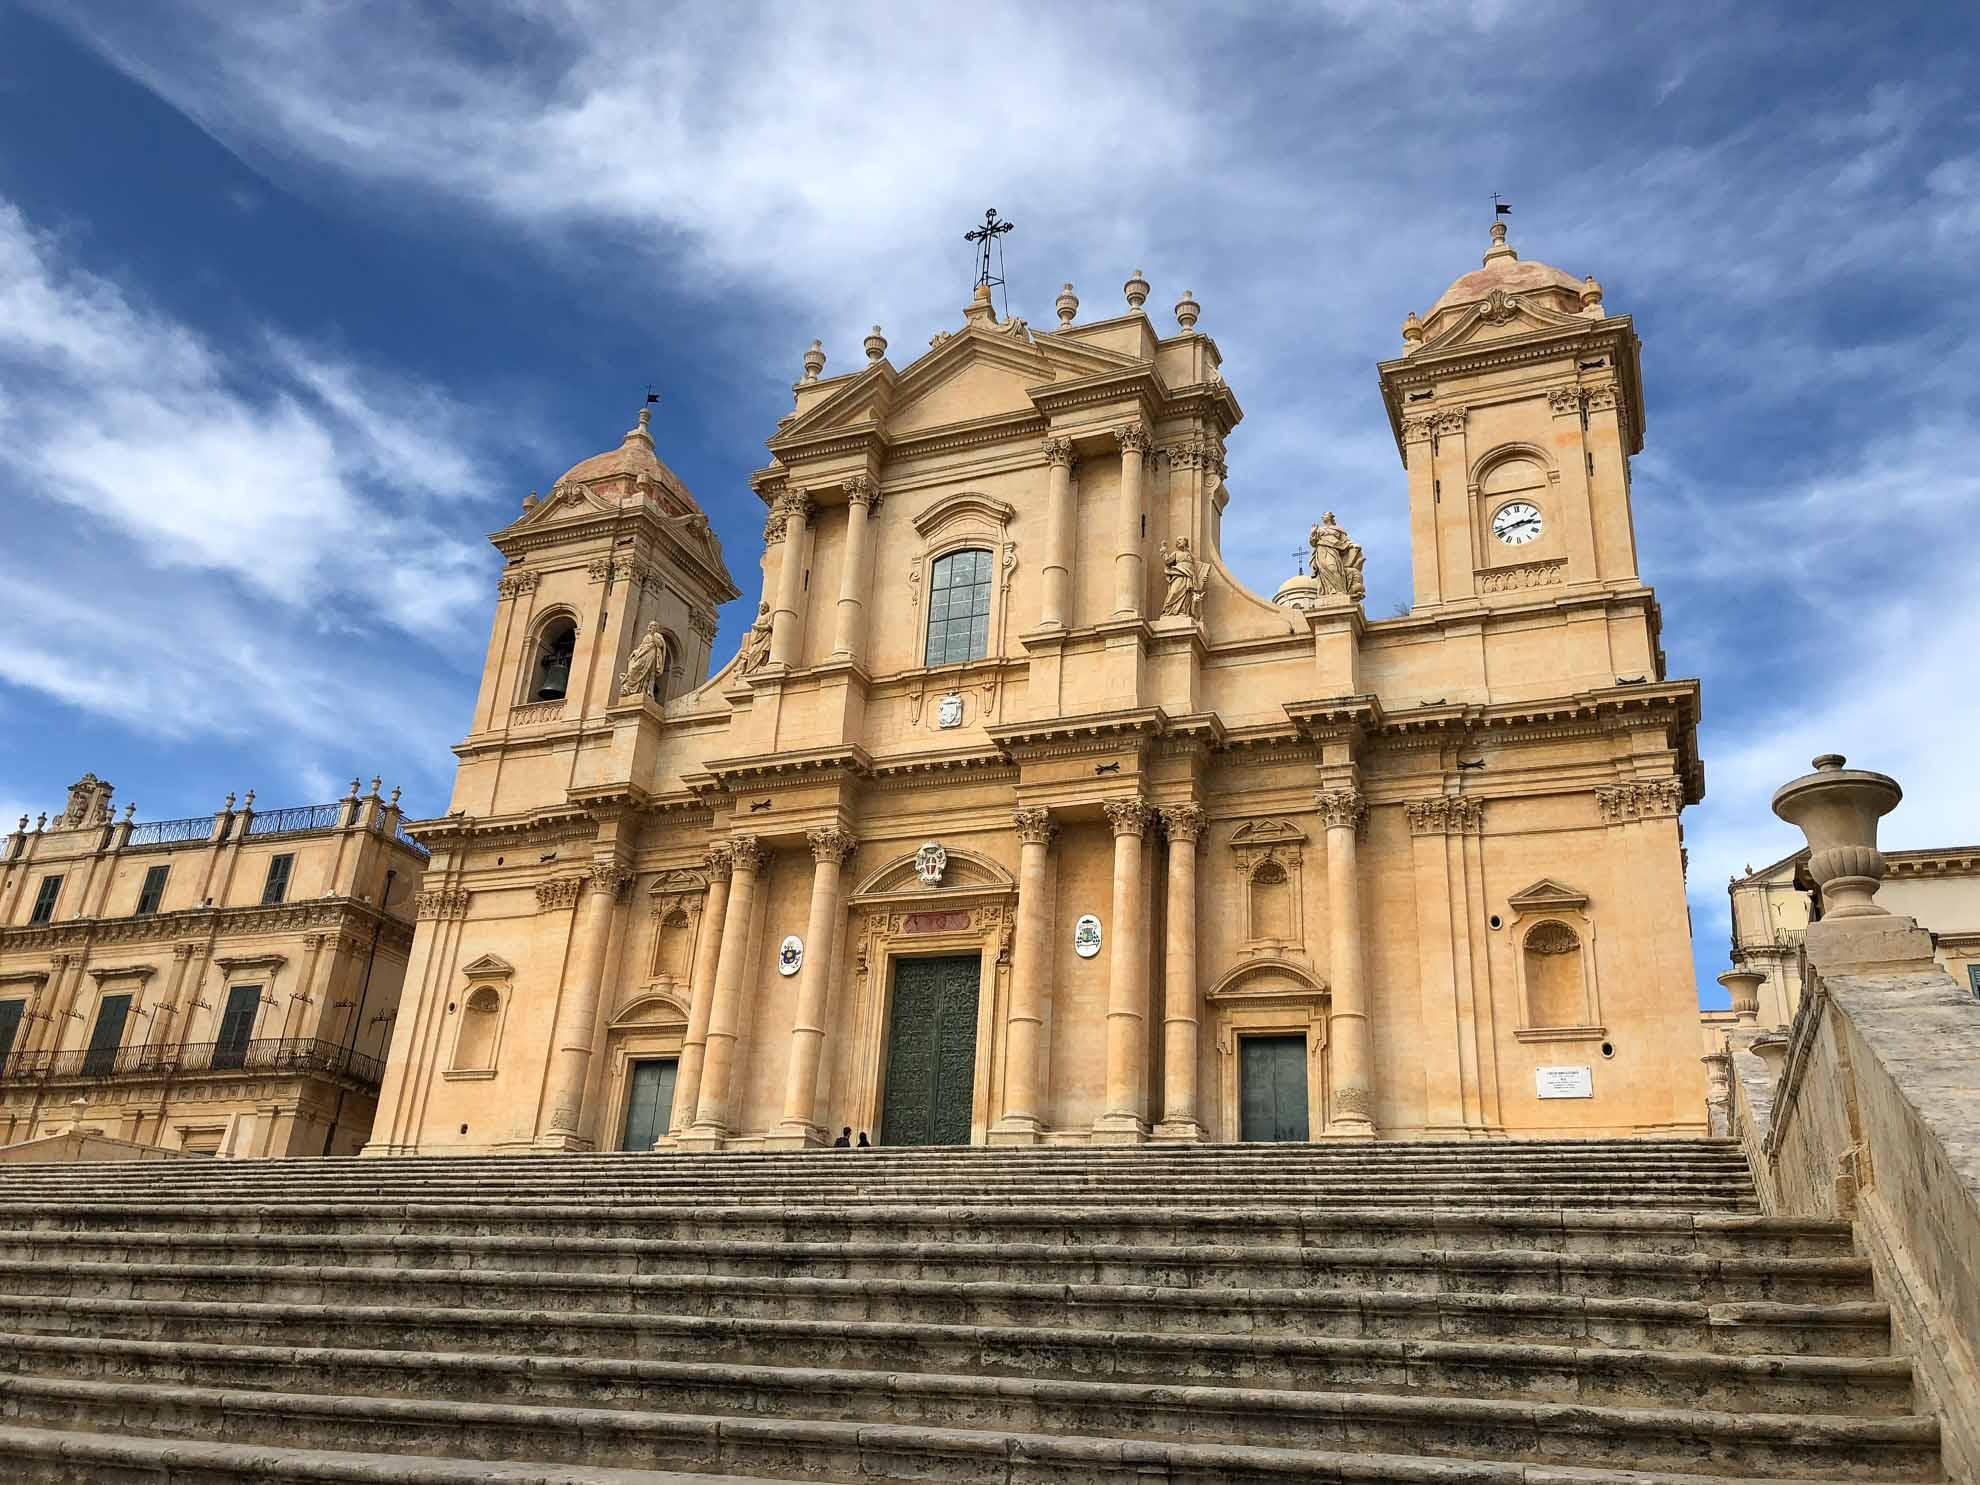 Die Kathedrale von Noto.